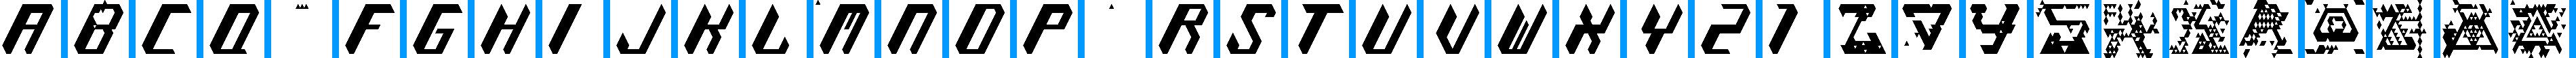 Particip-a-type v.252